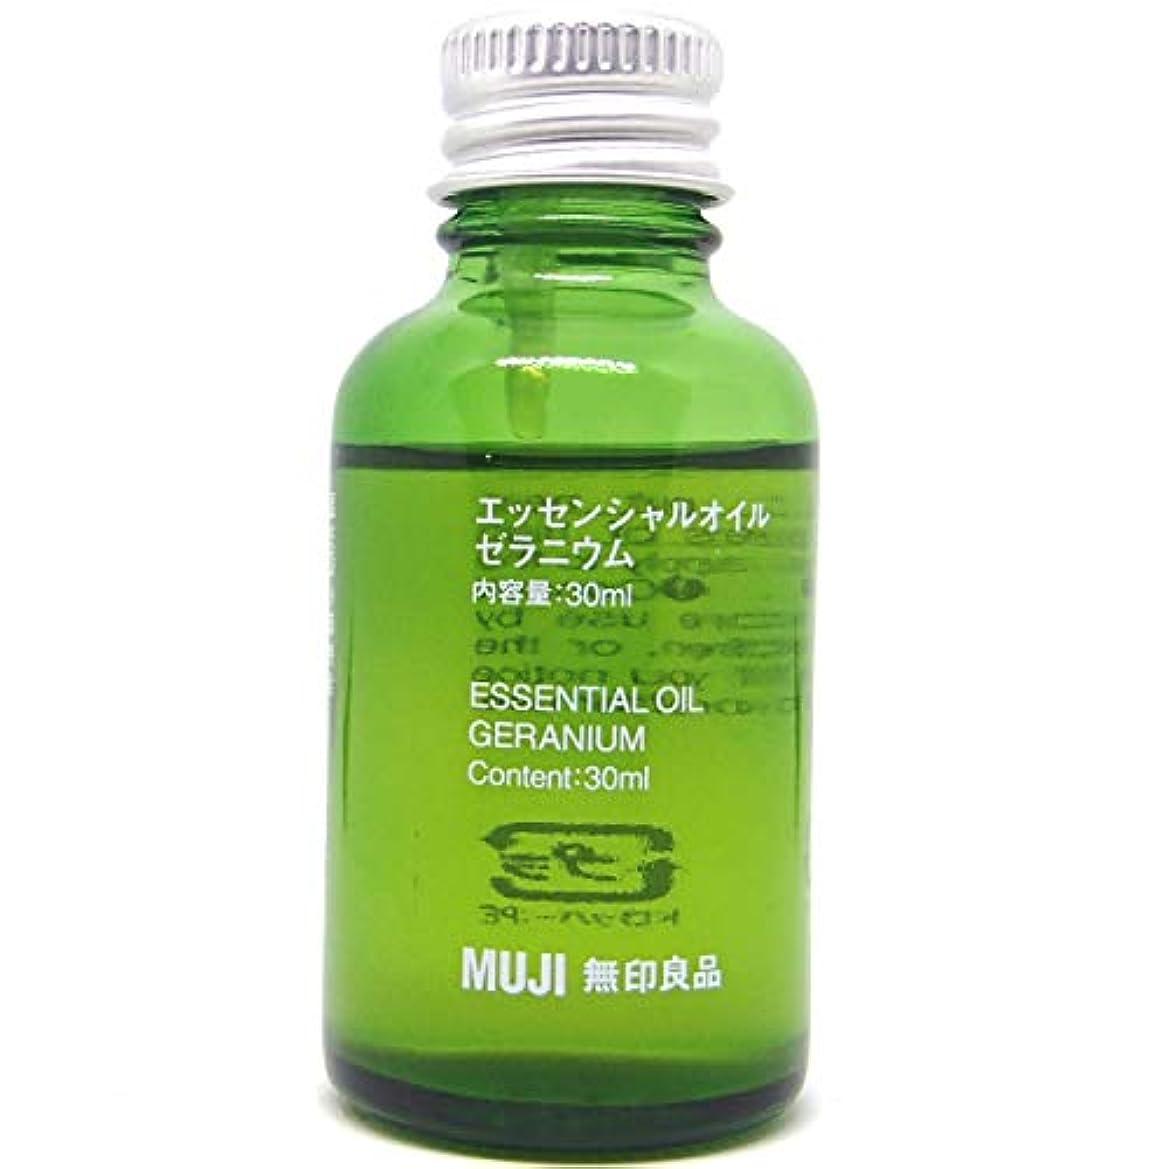 【無印良品】エッセンシャルオイル30ml(ゼラニウム)